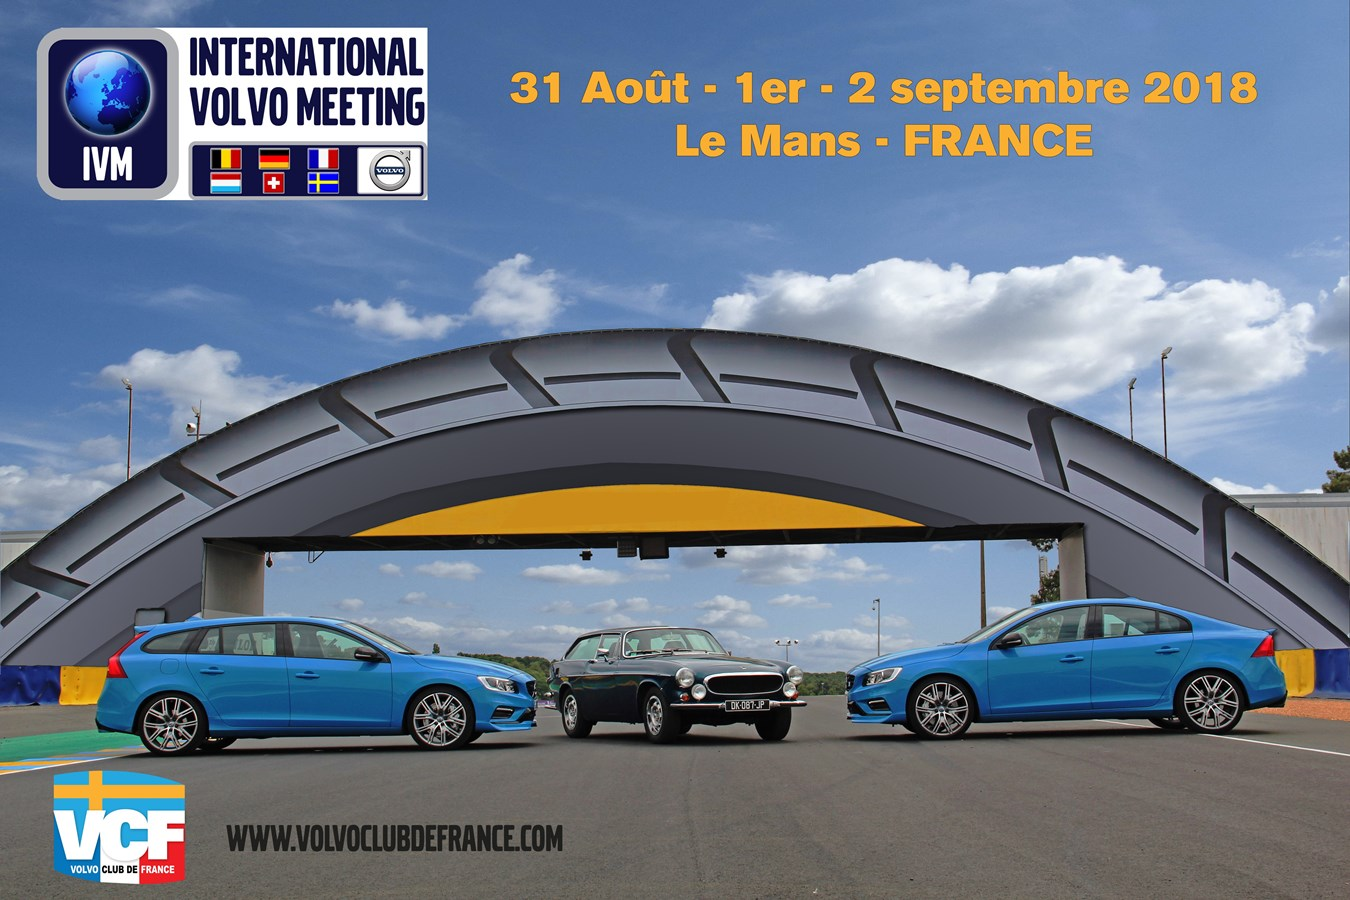 9ème édition de l'INTERNATIONAL VOLVO MEETING (I.V.M)